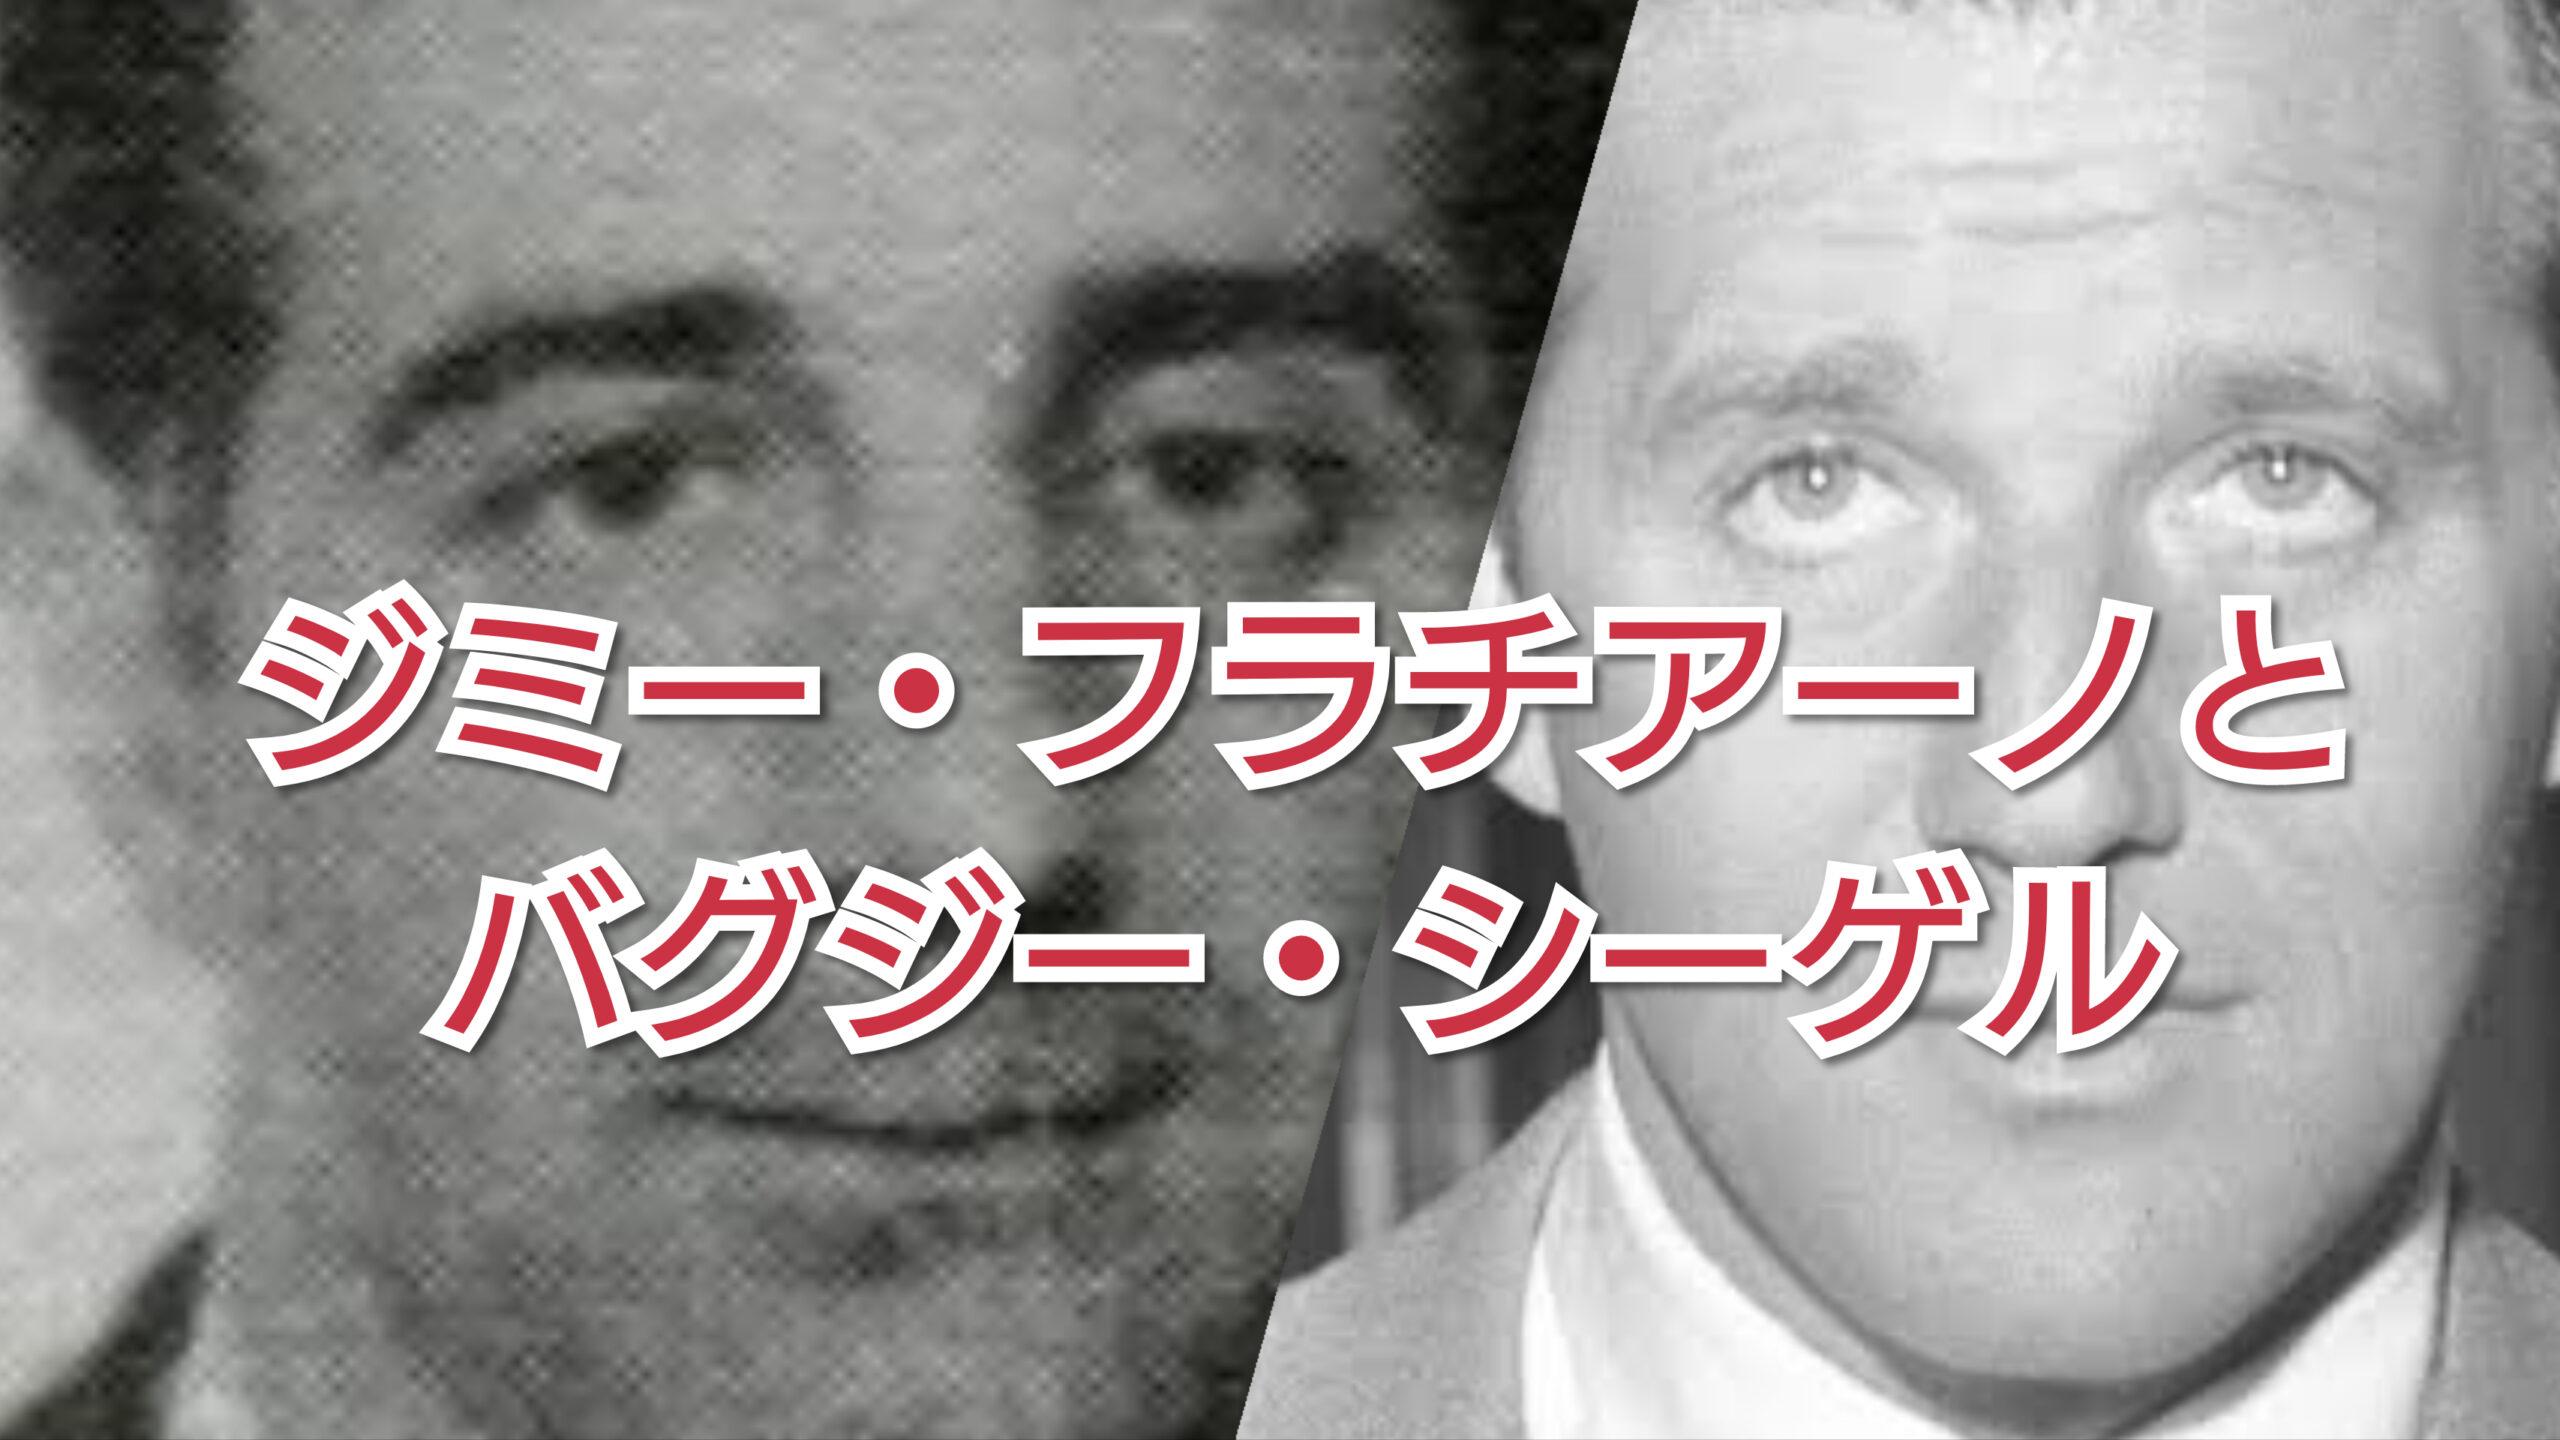 ジミー・フラチアーノとバグジー